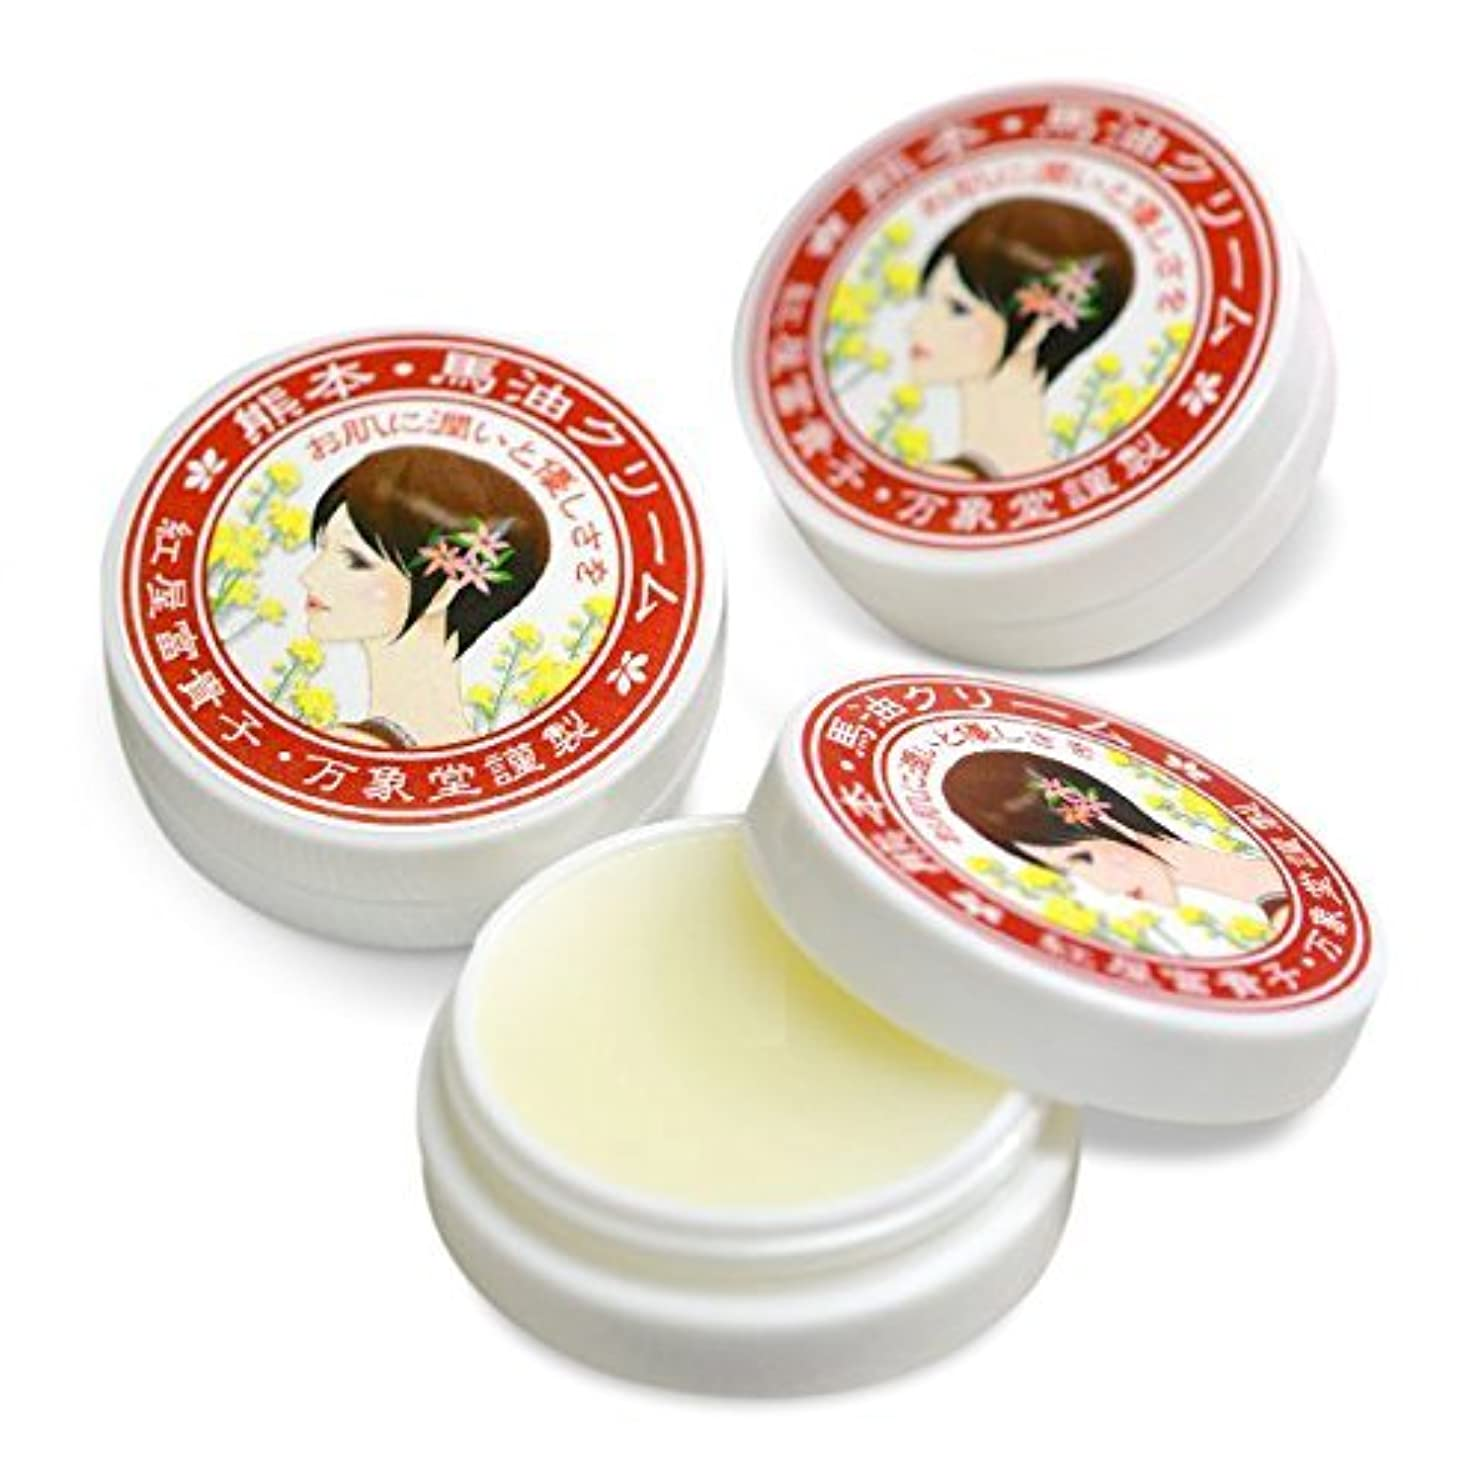 入手します偶然ゲインセイ森羅万象堂 馬油クリーム 10g×3個 (ラベンダーの香り)精油 アロマ 国産 保湿 スキンクリーム